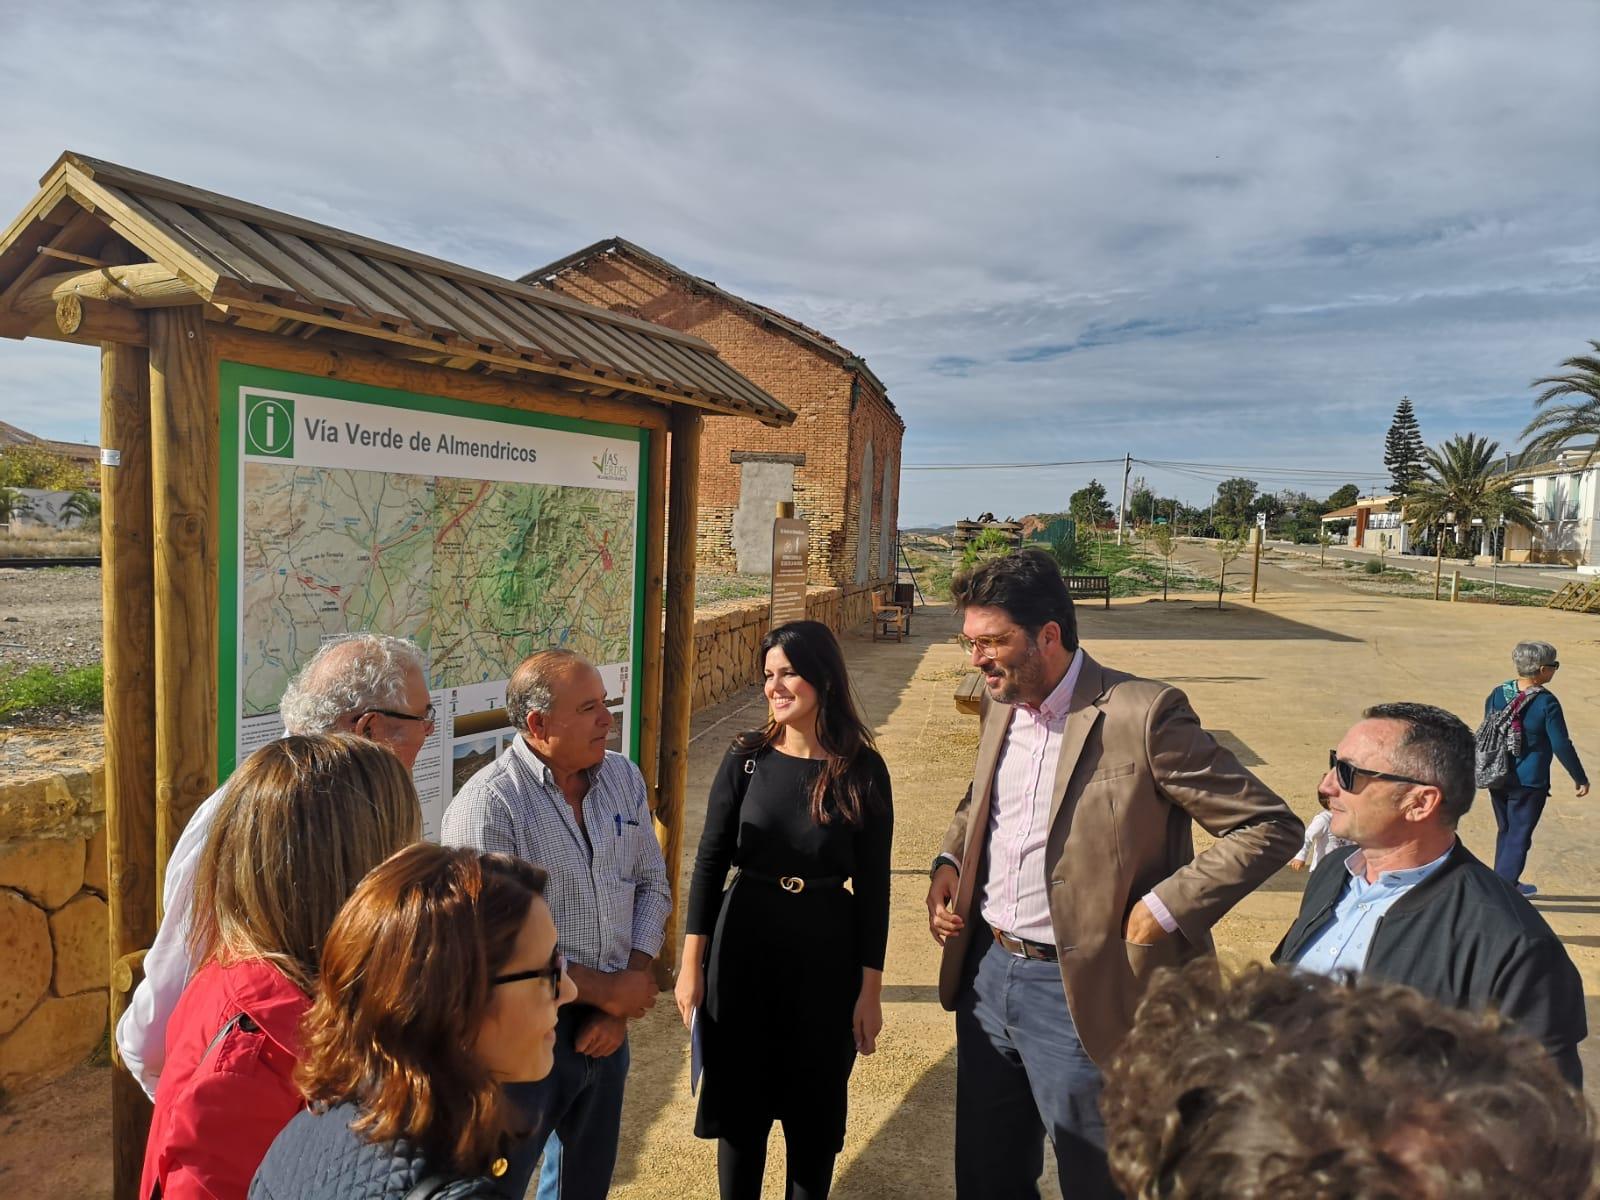 Inauguración de la Vía Verde de Almendricos. Imagen: CARM